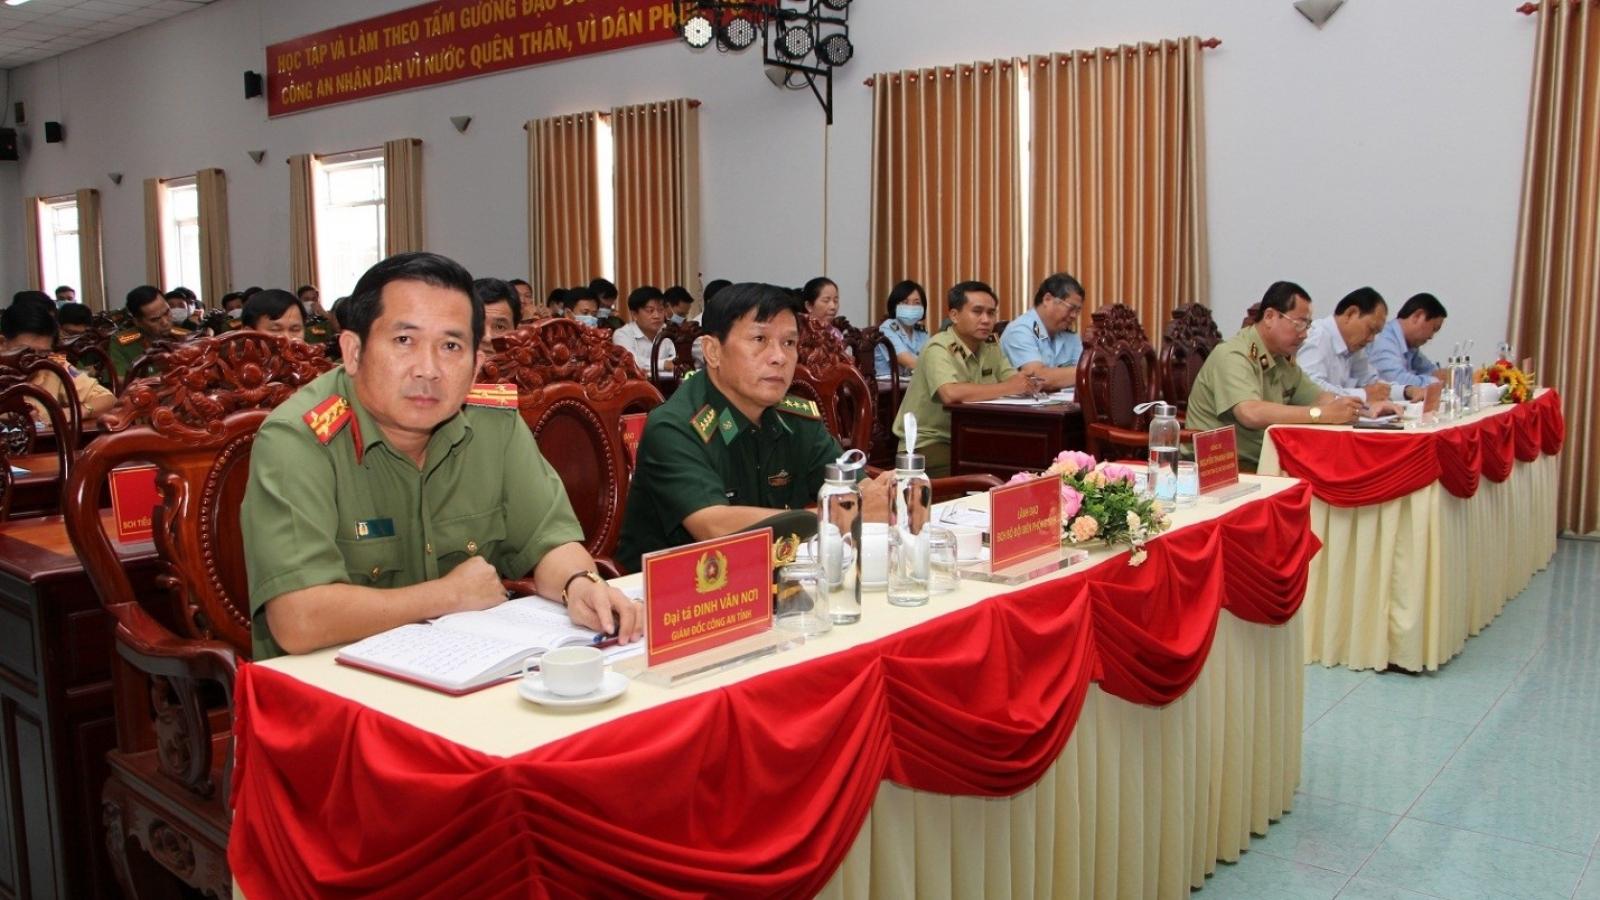 Công an tỉnh An Giang quyết liệt đấu tranh phòng chống hàng lậu, hàng giả